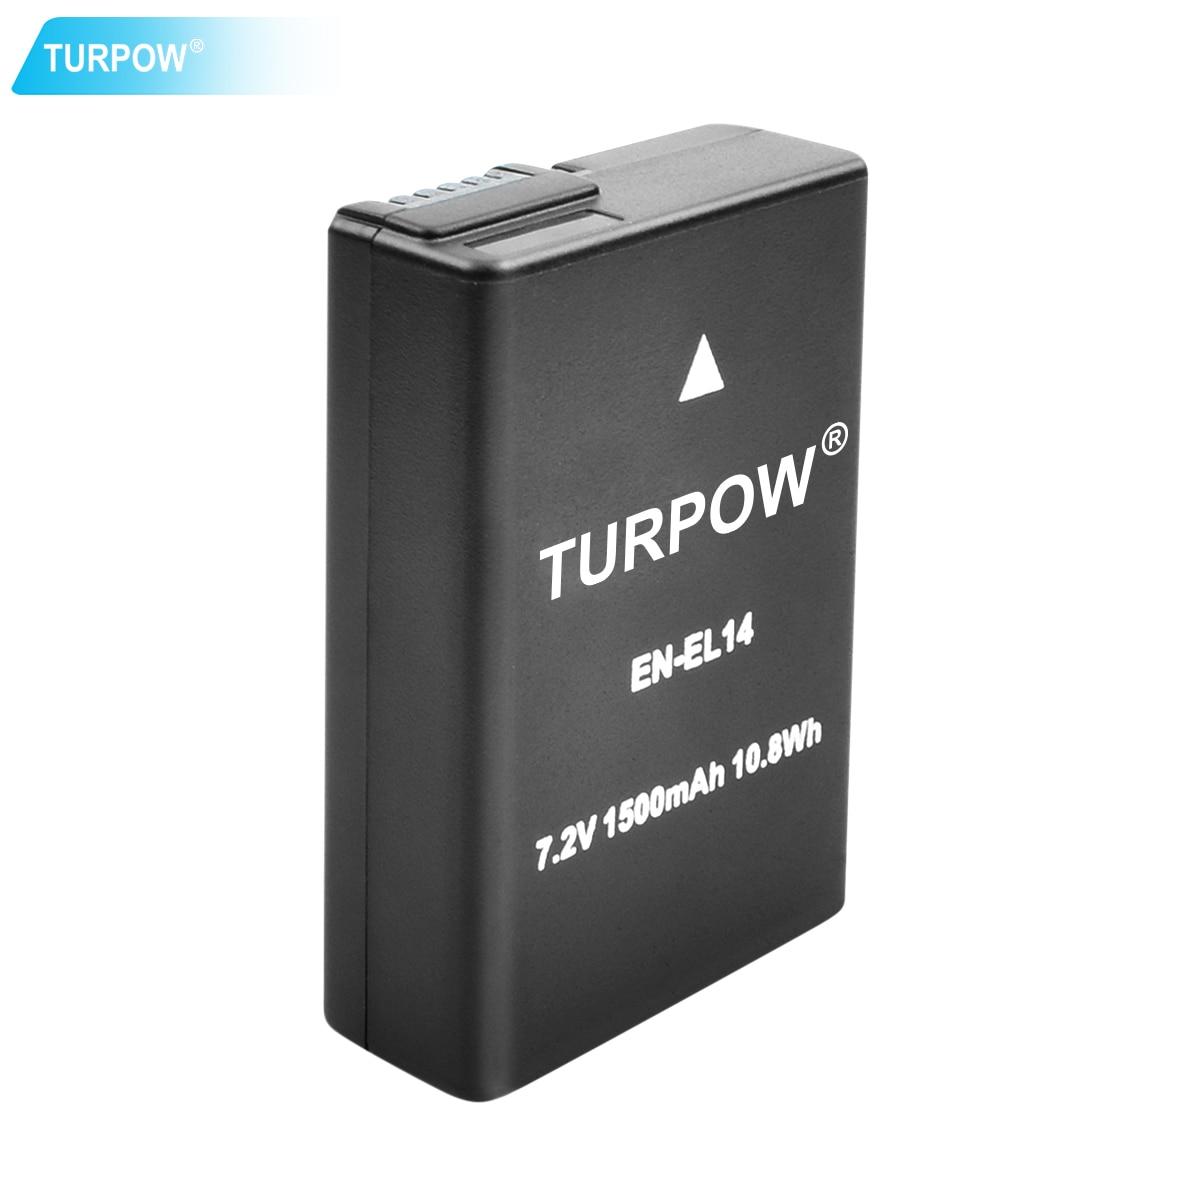 Turpow pour appareil photo Nikon EN-EL14 EN EL14 EN-EL14a ENEL14 EL14a batterie + LCD USB double chargeur P7800, P7700, P7100, P7000, D550